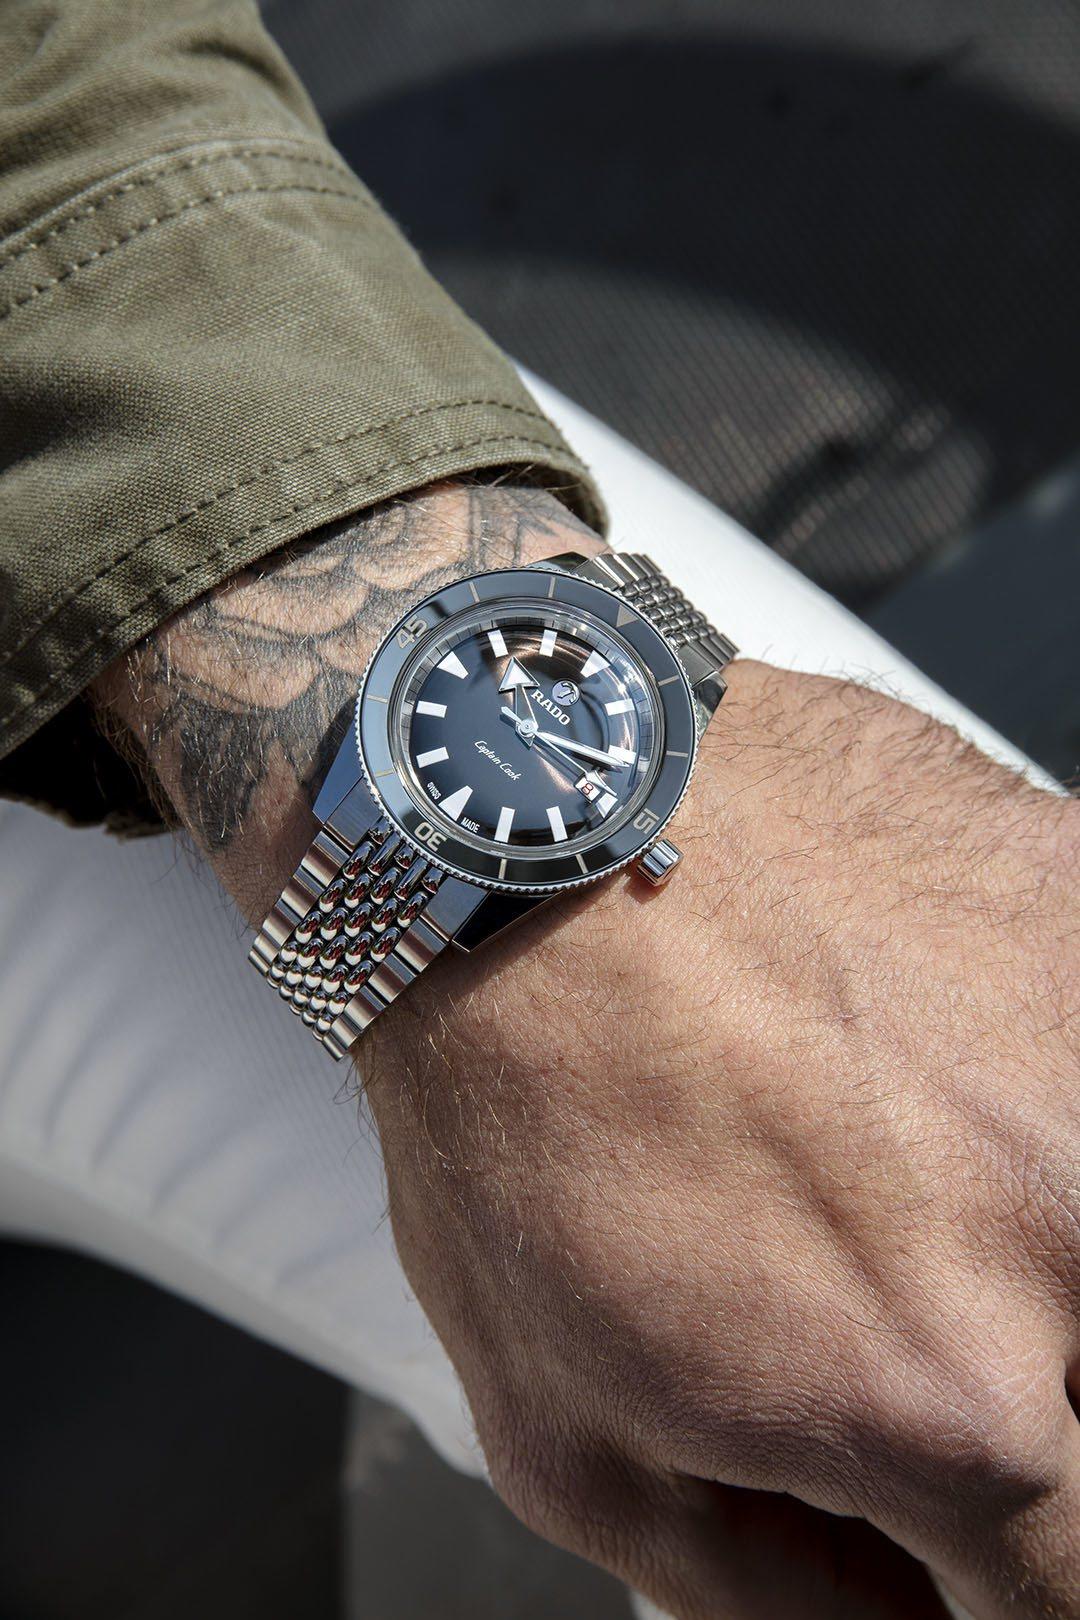 雷達庫克船長系列腕表,不鏽鋼表殼、表鍊搭配黑色陶瓷表圈,約61,900元。圖/R...